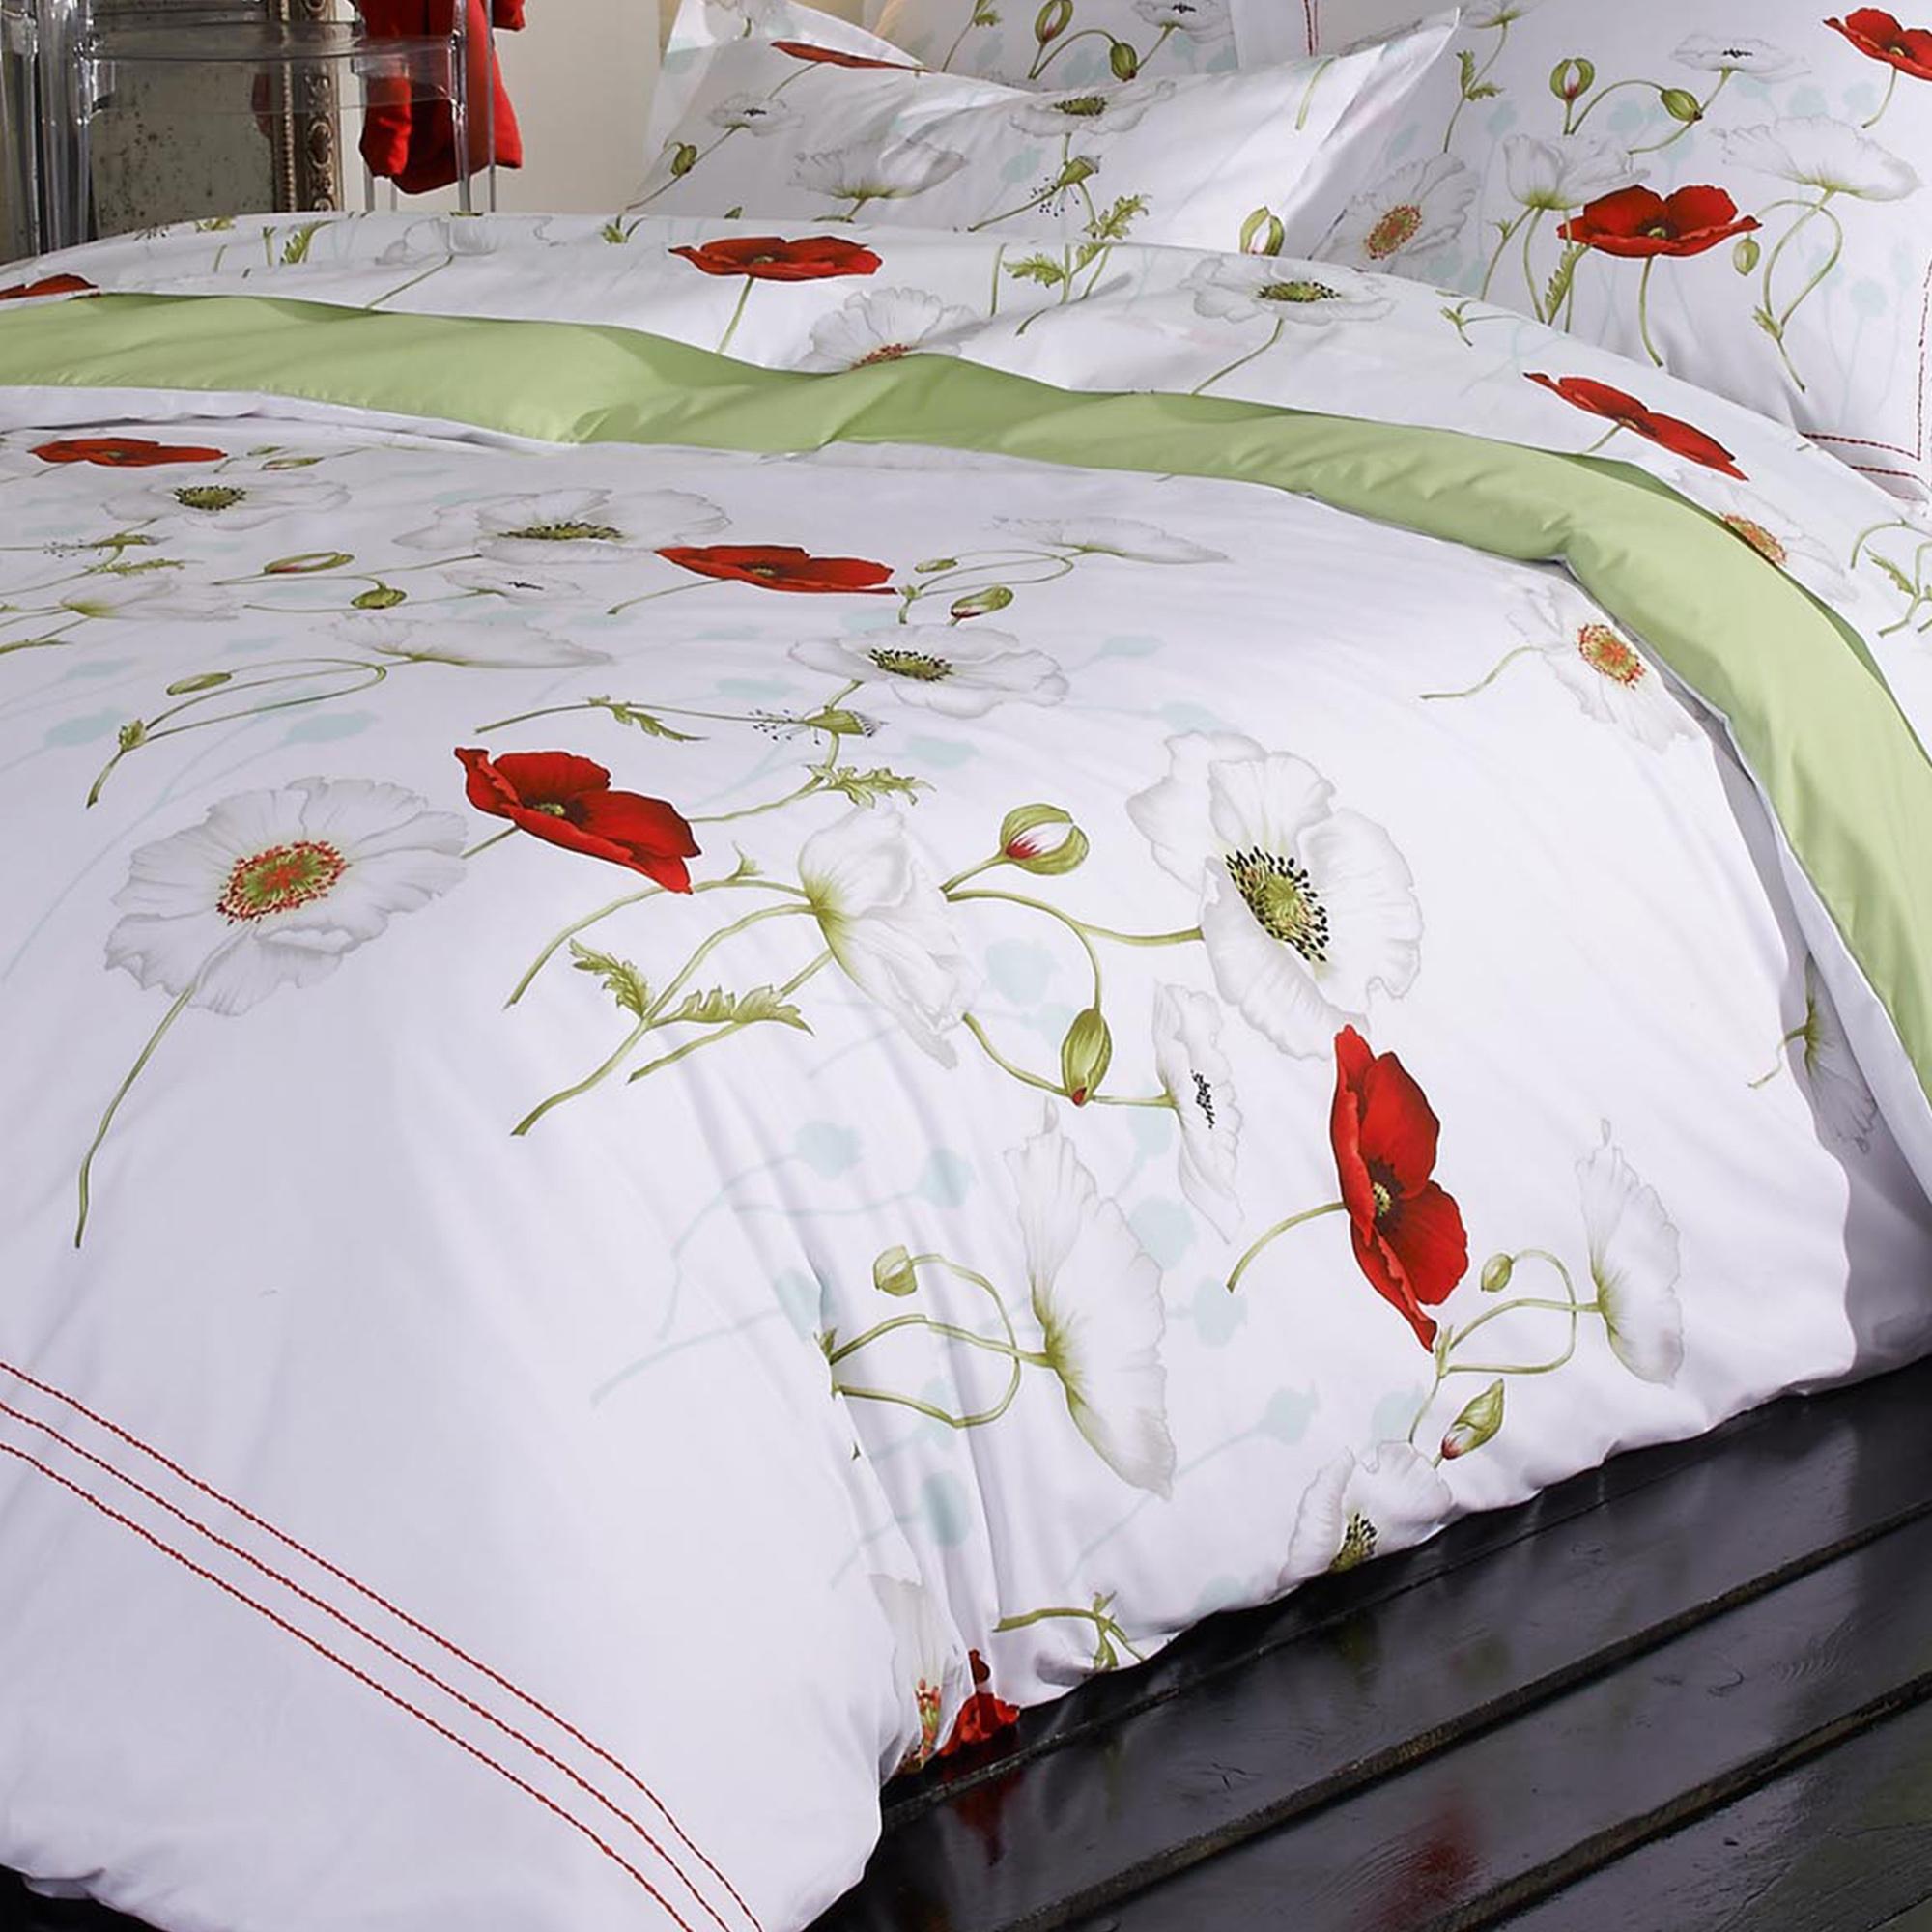 parure de lit percale pur coton peign 260x240 cm seduction linnea linge de maison et. Black Bedroom Furniture Sets. Home Design Ideas